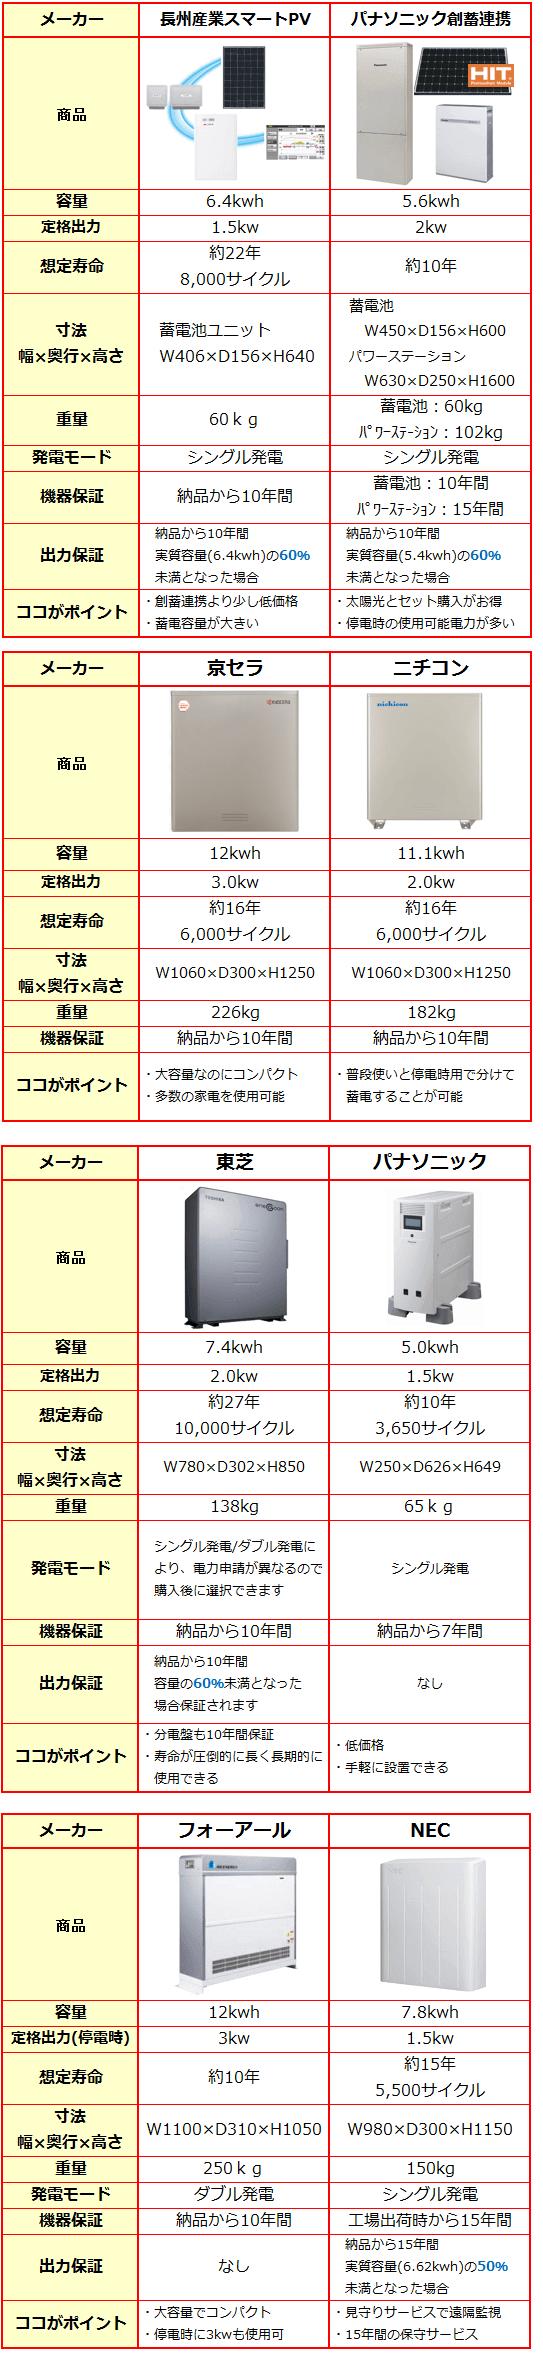 蓄電池のメーカー比較1